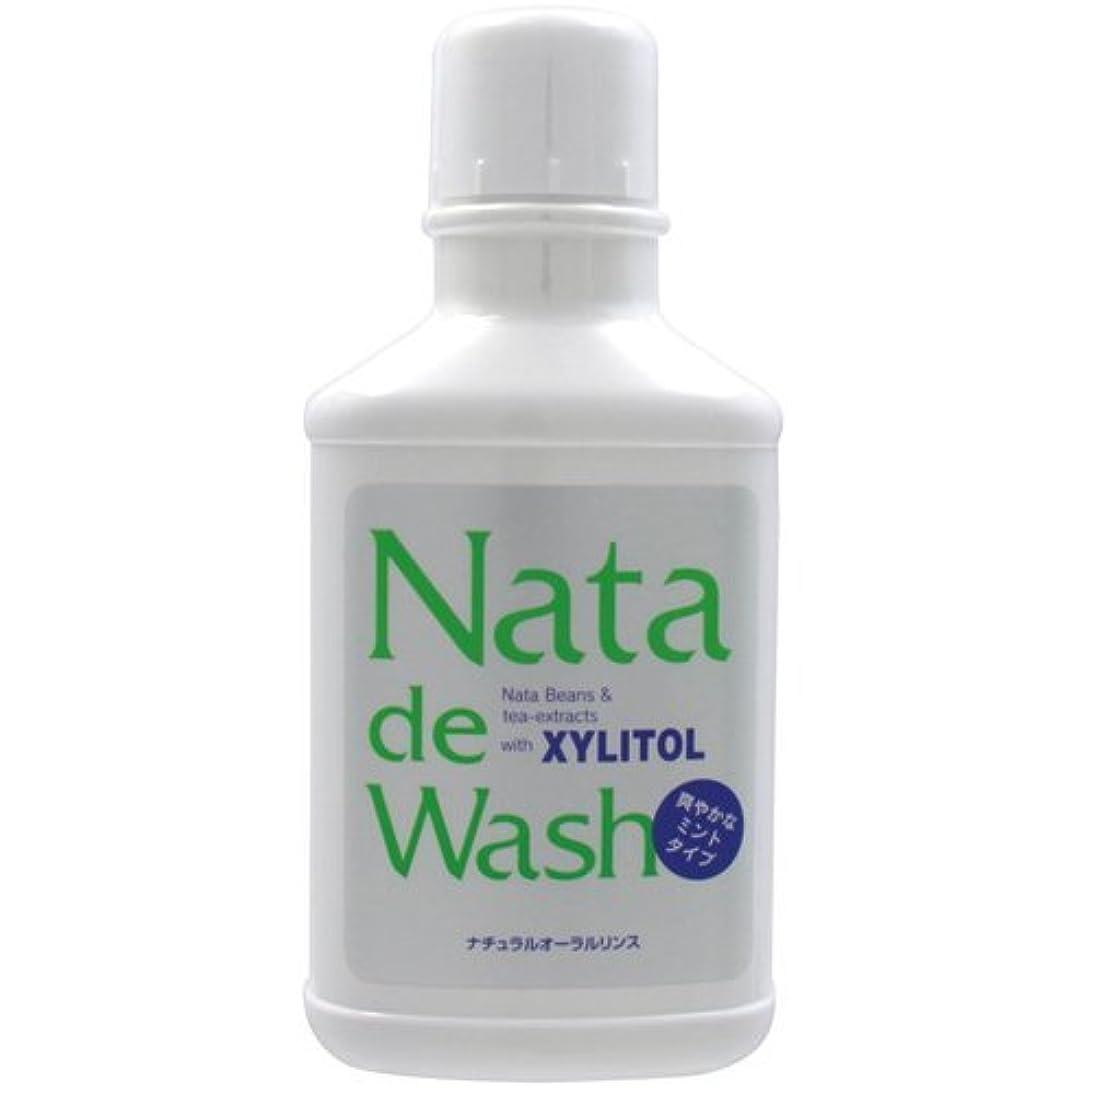 エール作る政治家ナタデウォッシュ 500ml 口臭予防 歯磨きの後にお勧め ナタデ ウォッシュ